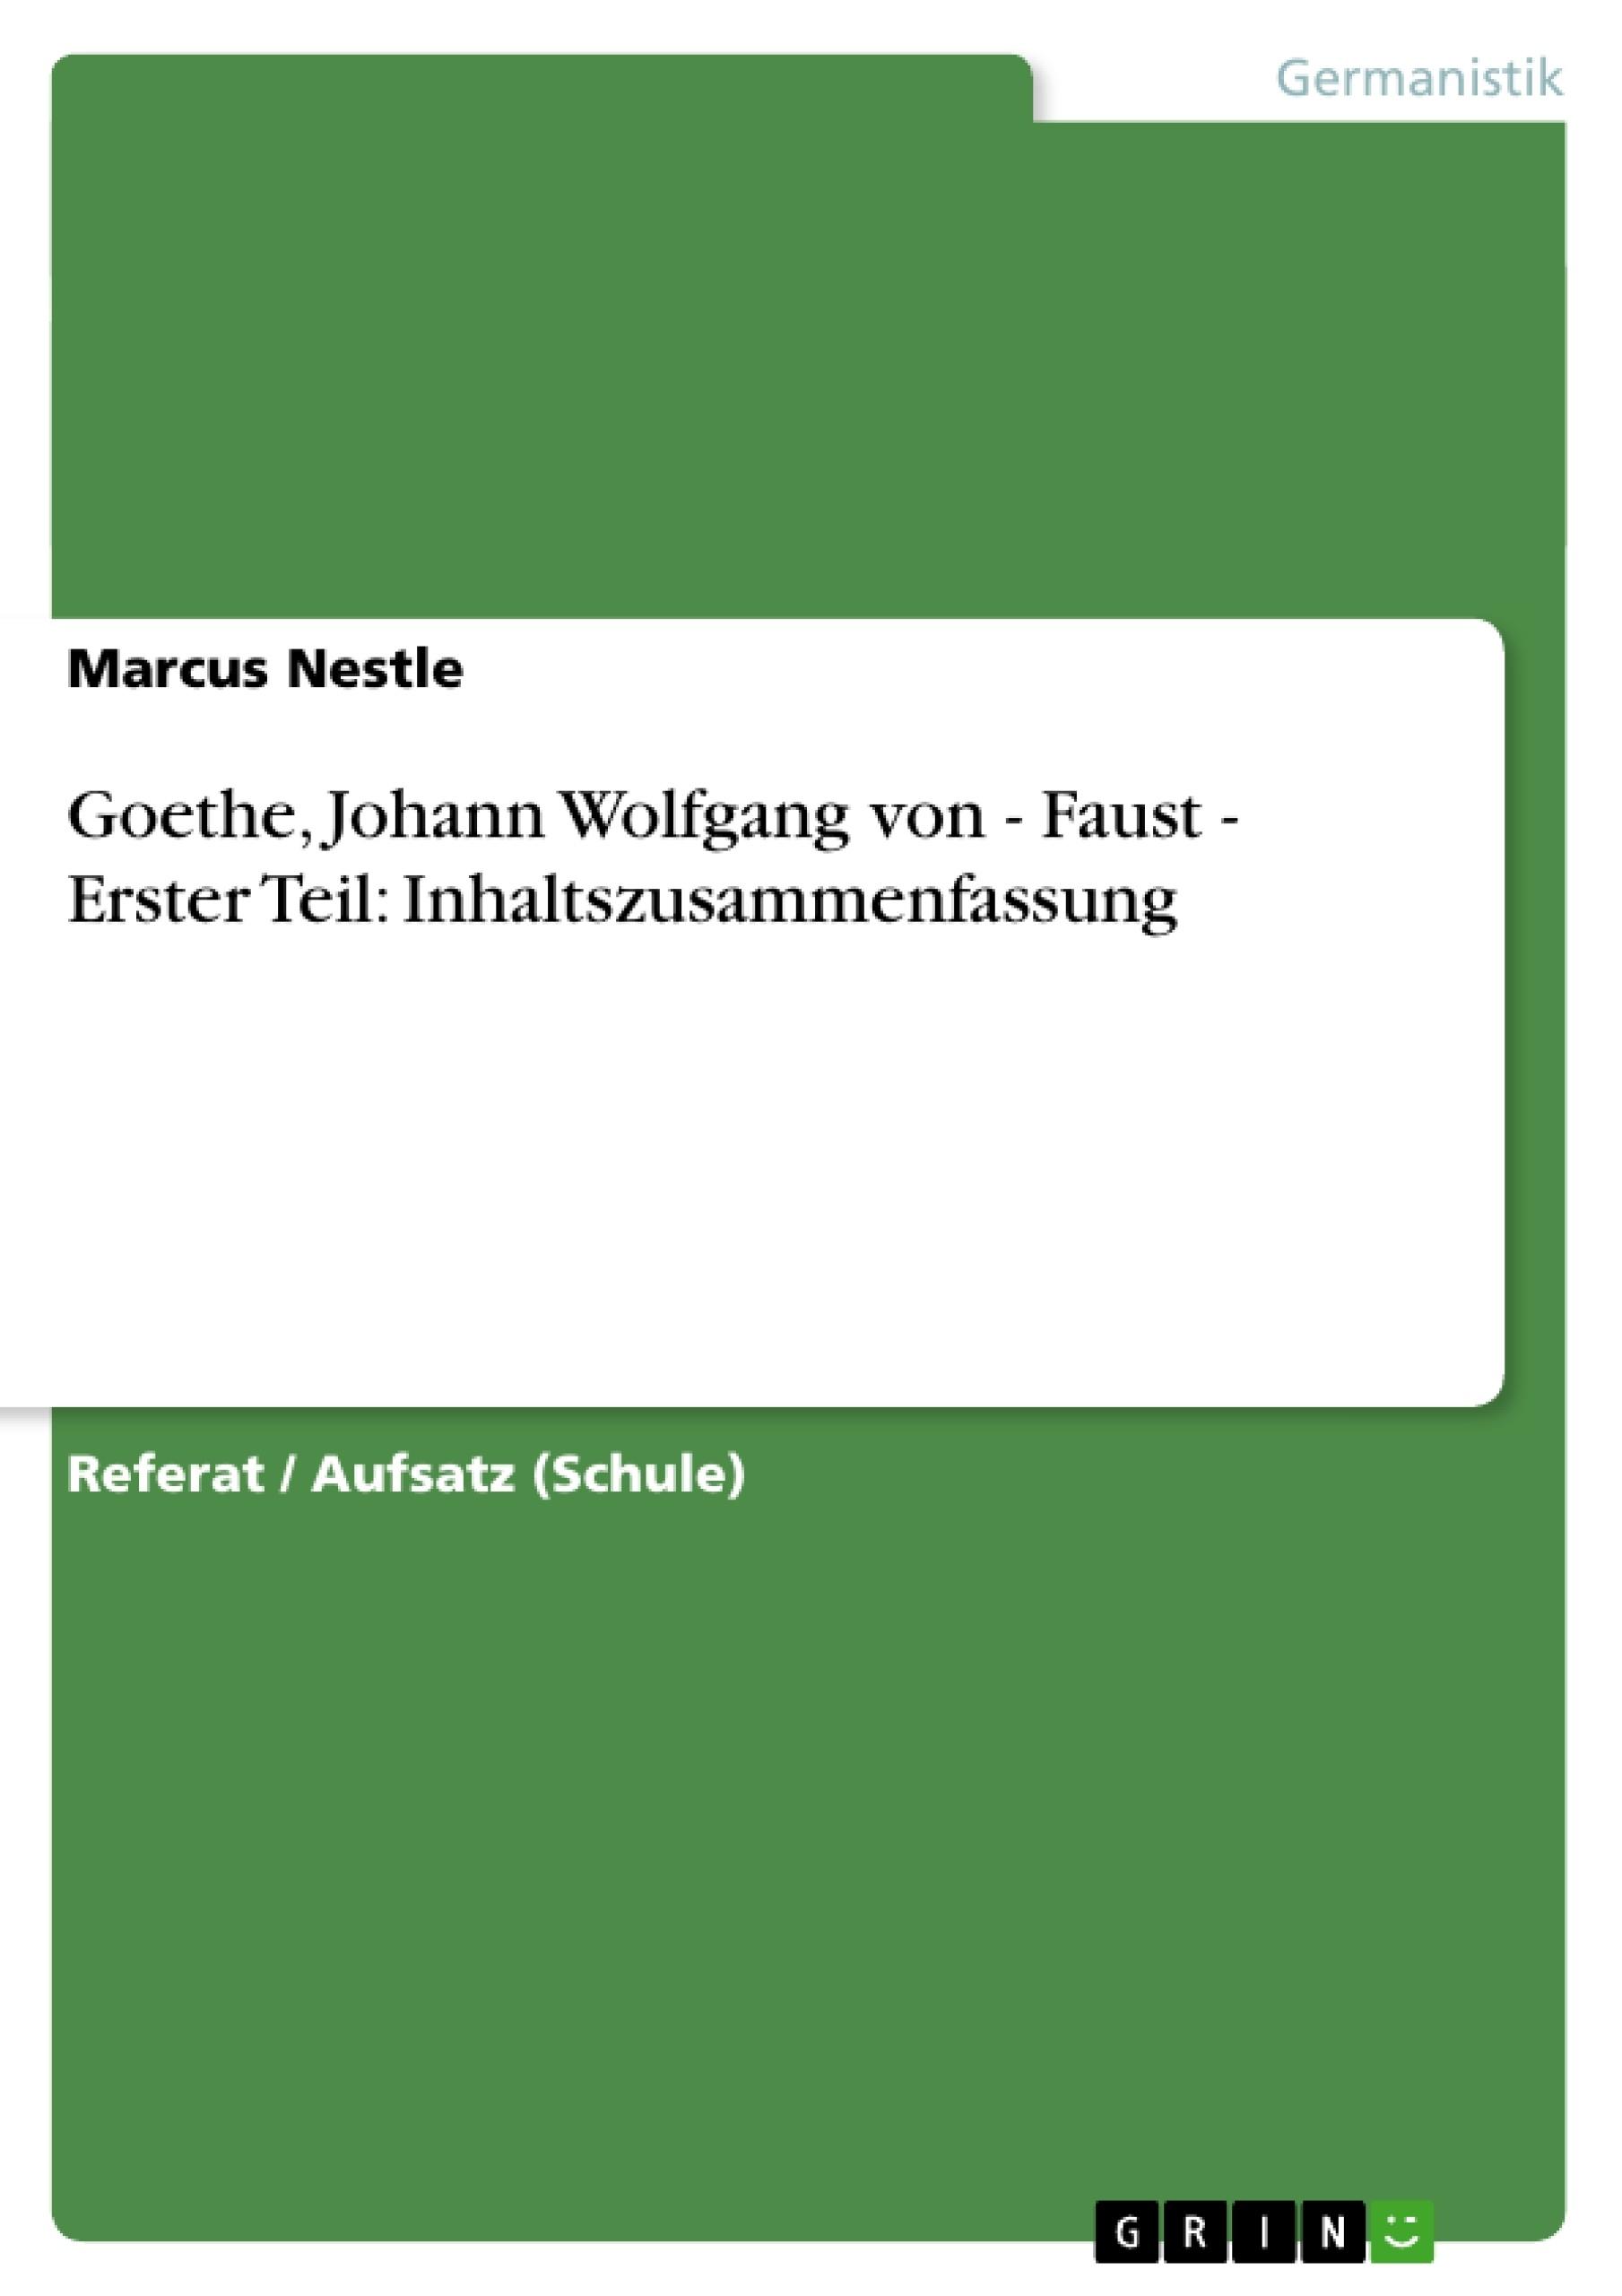 Titel: Goethe, Johann Wolfgang von - Faust - Erster Teil: Inhaltszusammenfassung